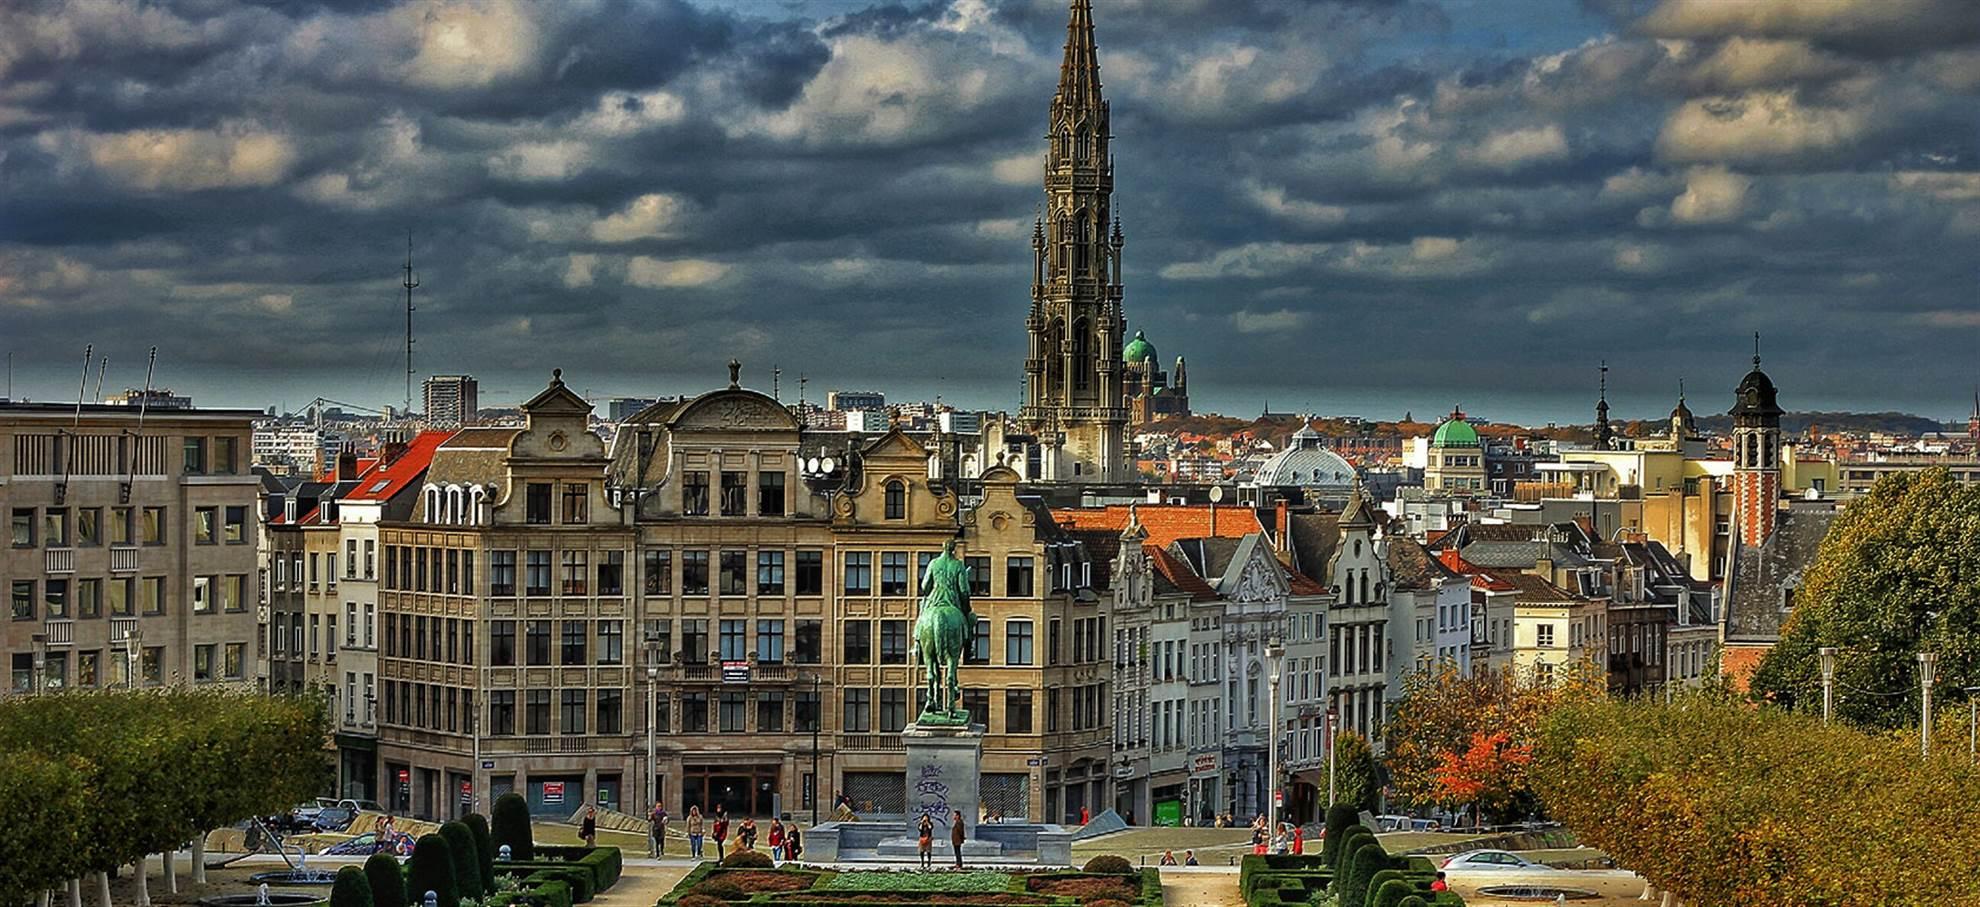 Excursión a Bélgica - Bruselas